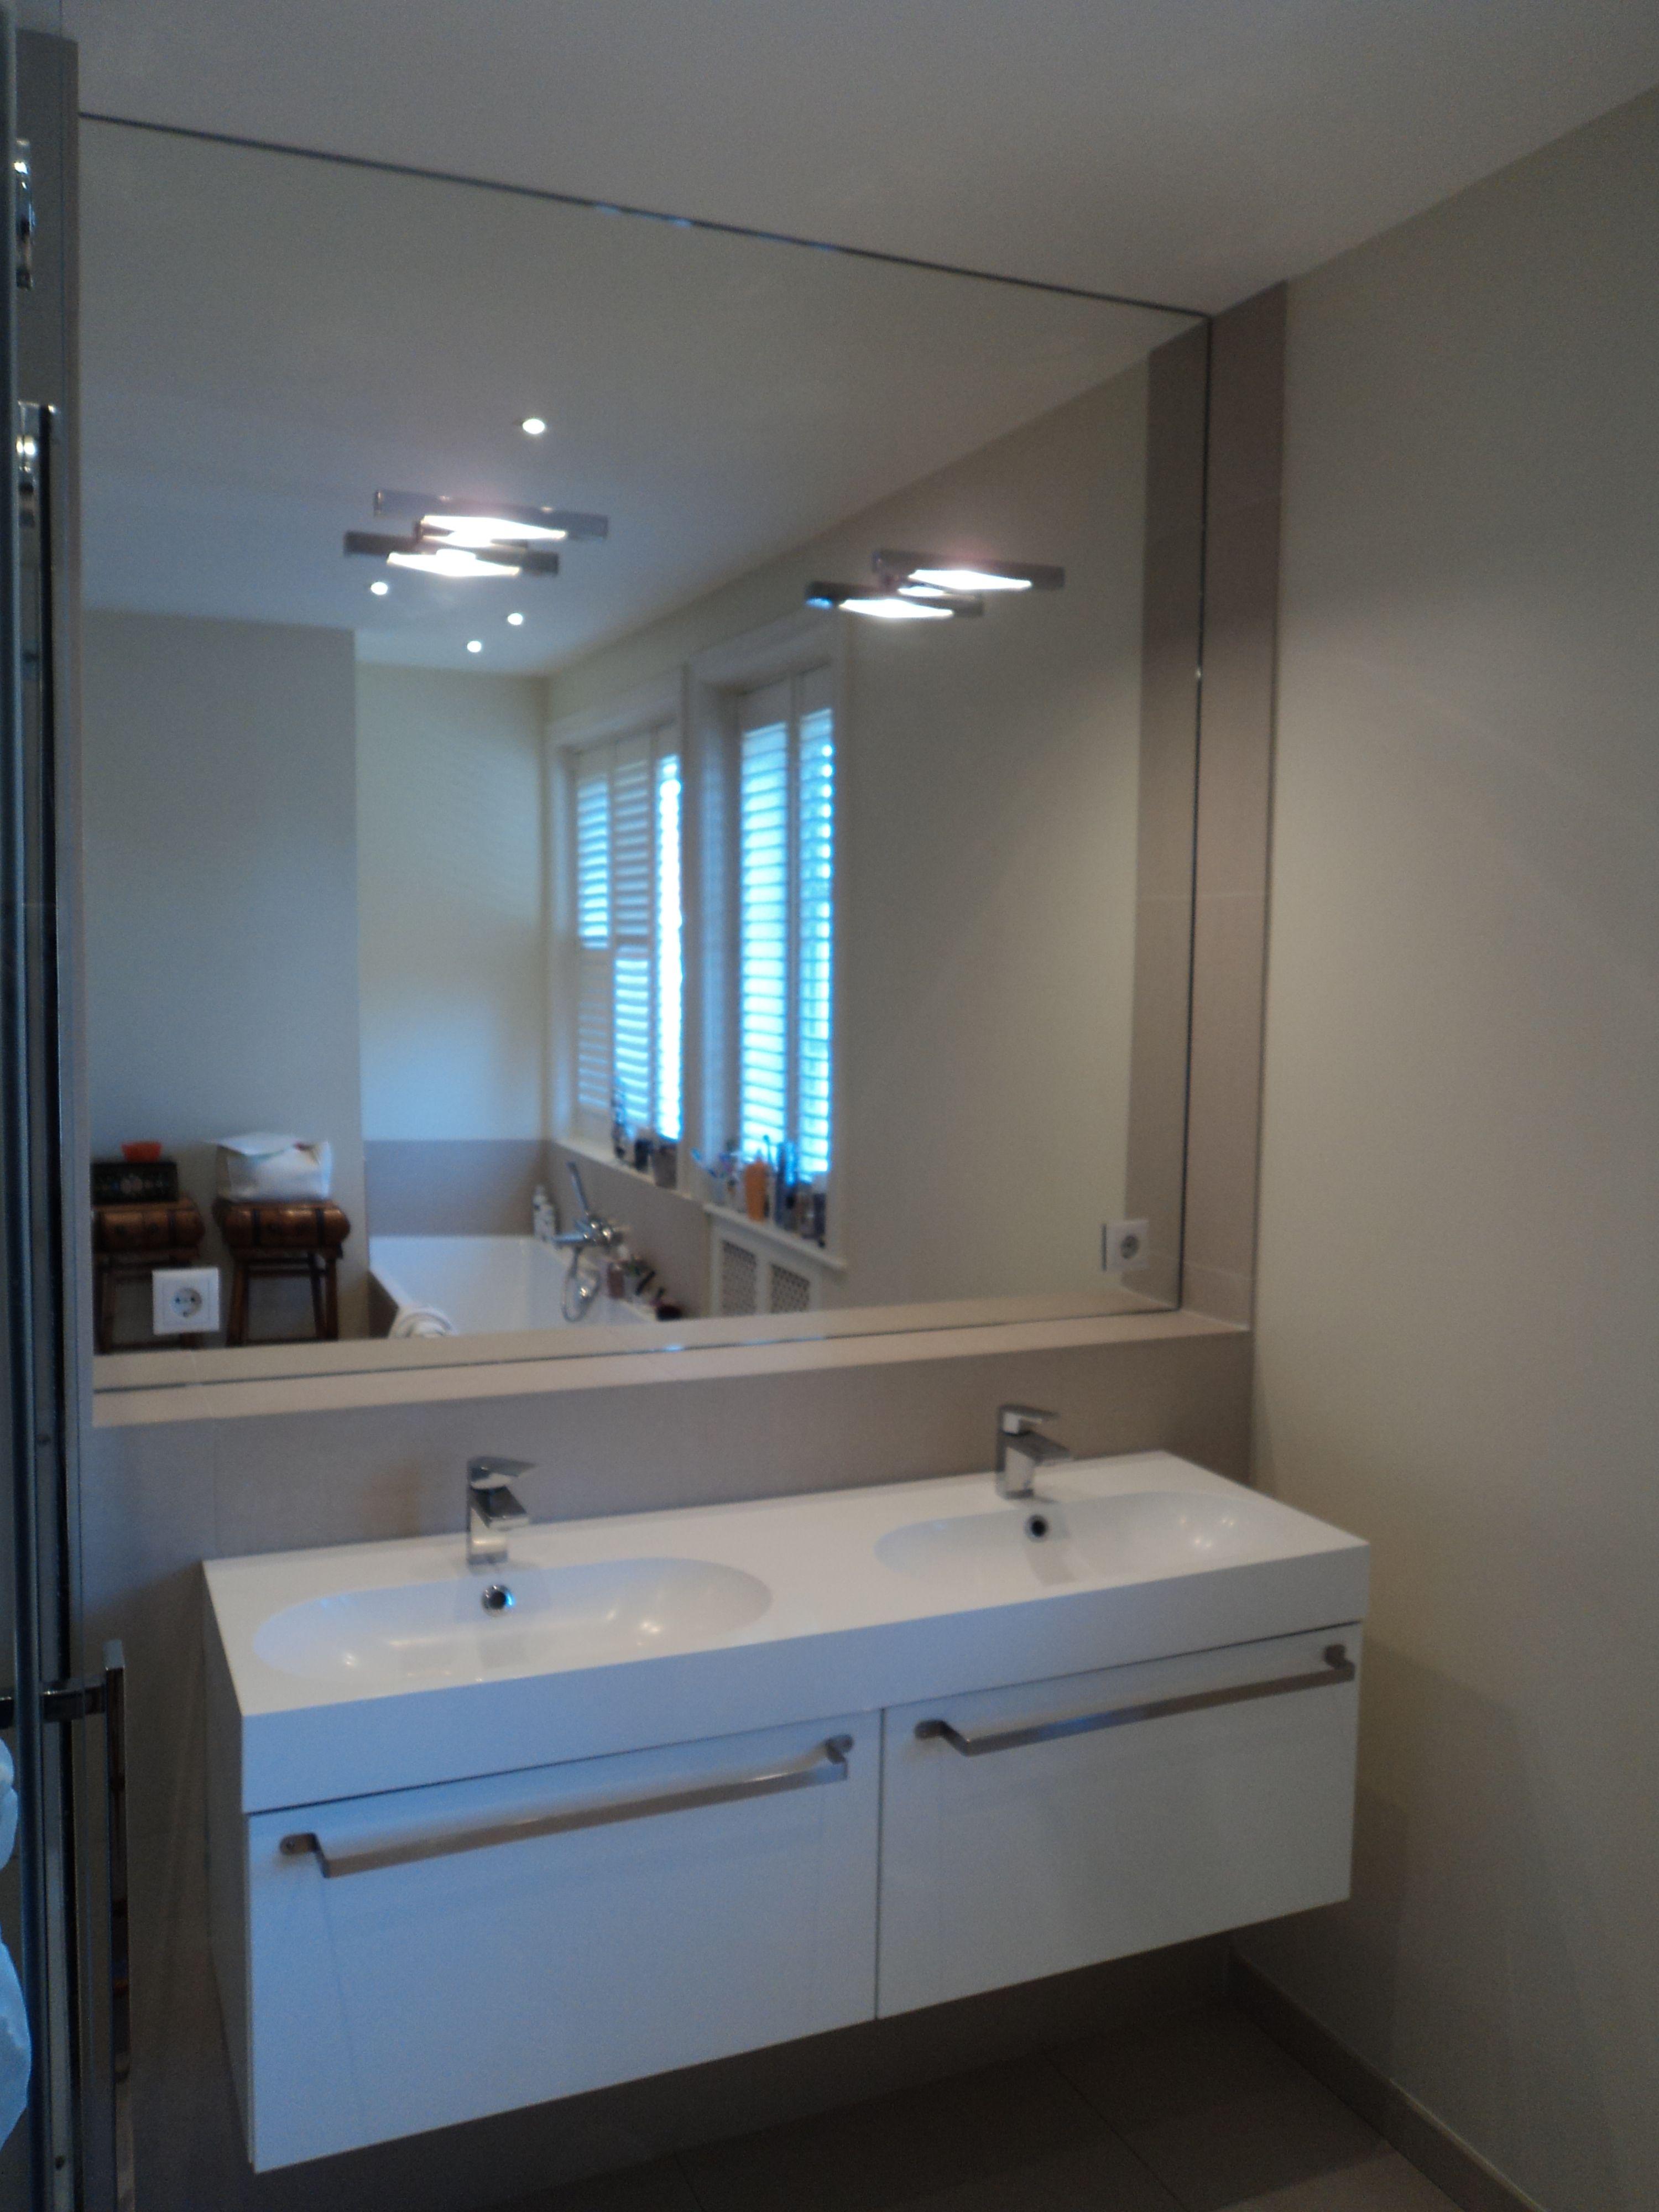 Glashandel ariba den haag voor spiegels op maat for Spiegel badkamer verlichting